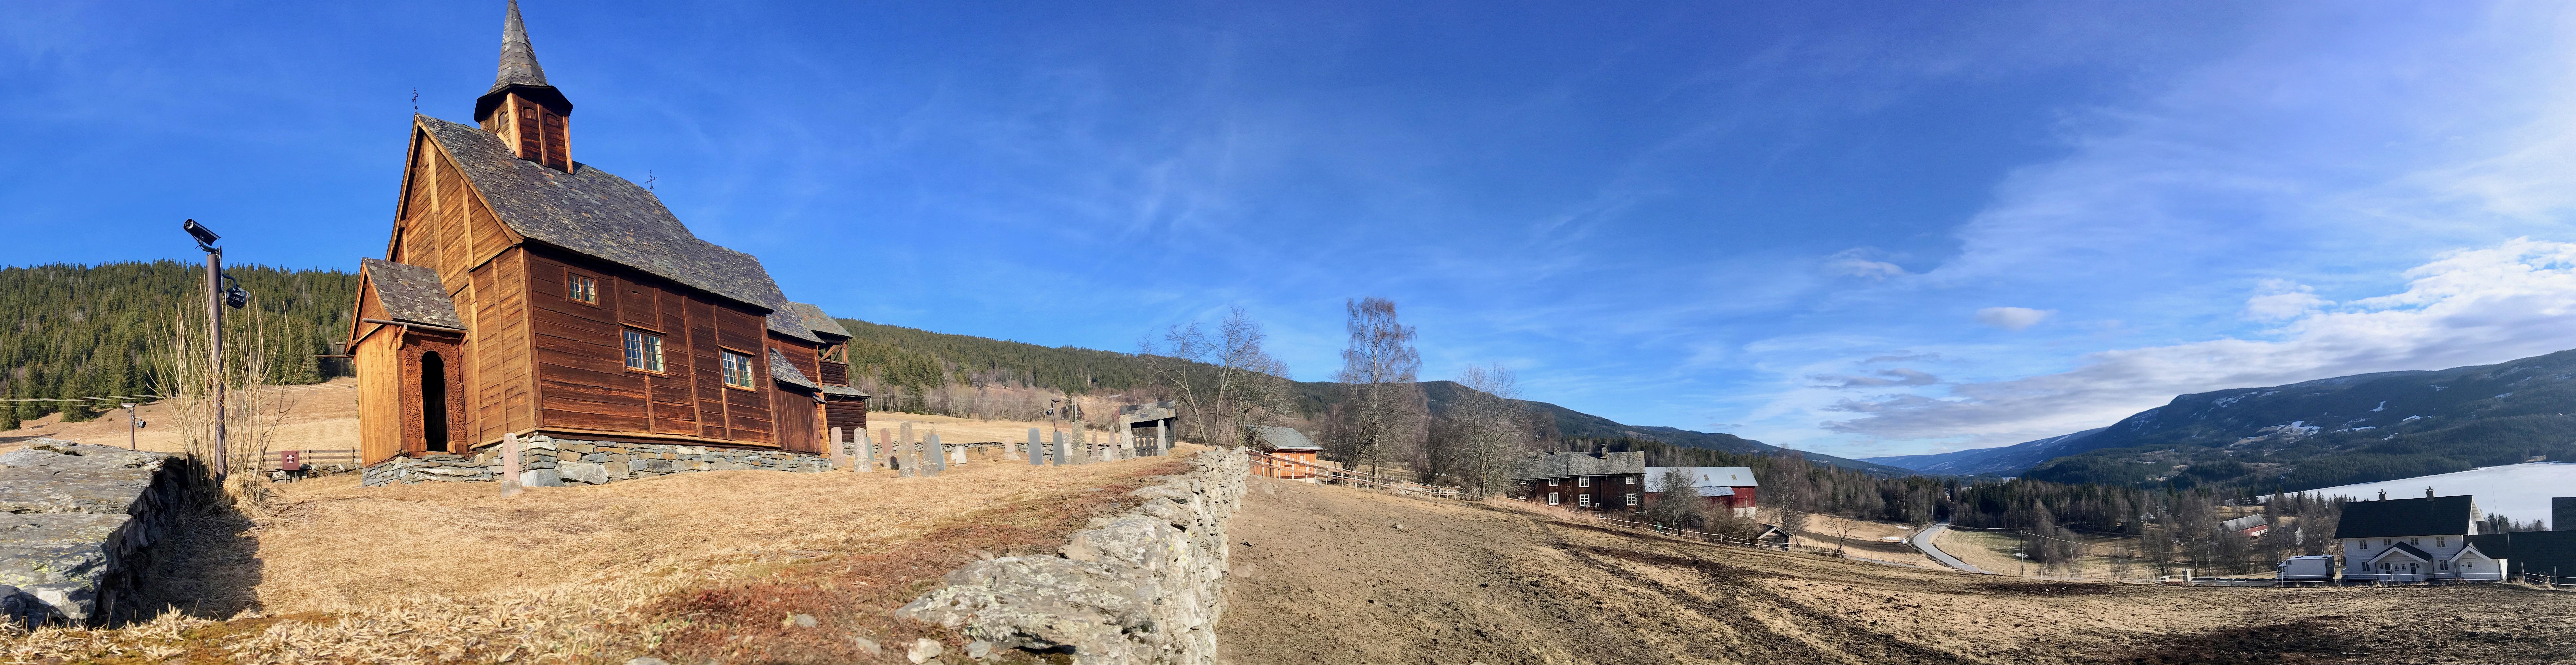 File:NO 0543 Vestre Slidre.svg